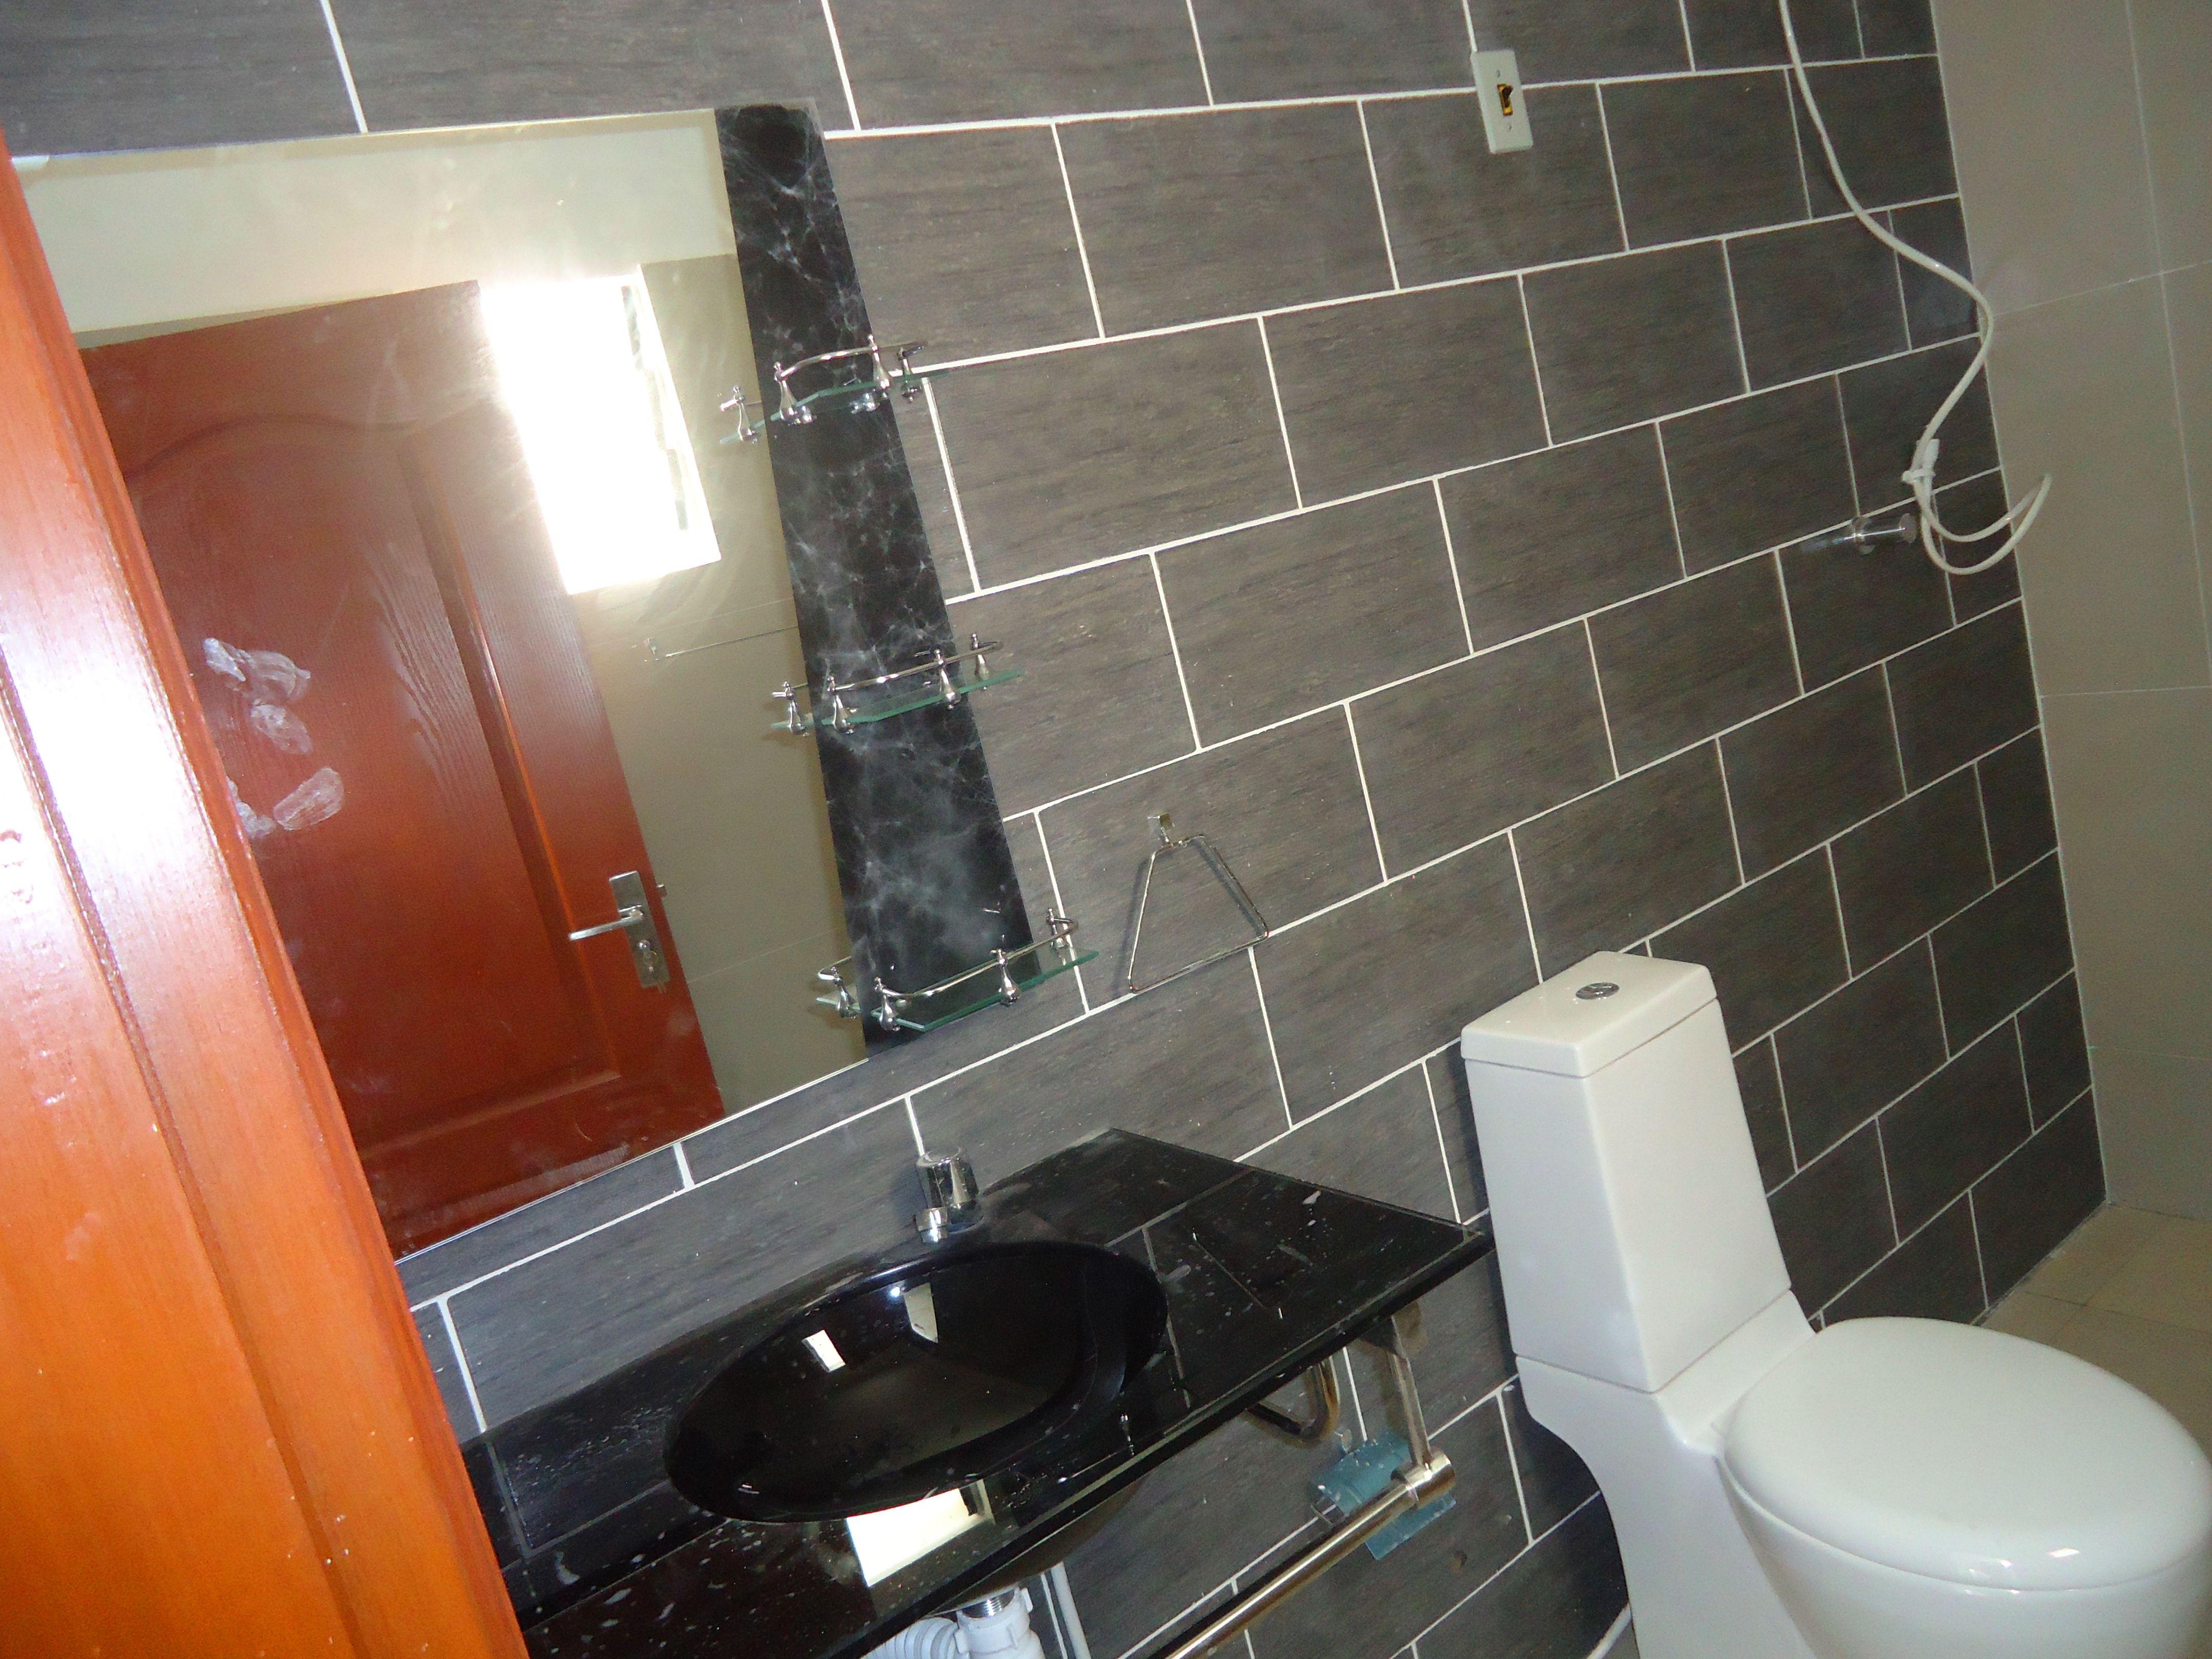 DISPONIBLE:MODELO MINIMALISTA- Disponible, cuenta con 3 dormitorios con roperos empotrados, cocina amoblada, piso en porcelanto etc...(Documentación en orden) UBICACIÓN:Zona norte 8vo y 9no anillo AV Beni. PRECIOS: Desde 75,000$us (Se acepta financiamiento bancario con el 20%) MAYOR INFORMACIÓN:78453002-78527702-75008834(Atendemos fines de semana programe su visita ya mismo)